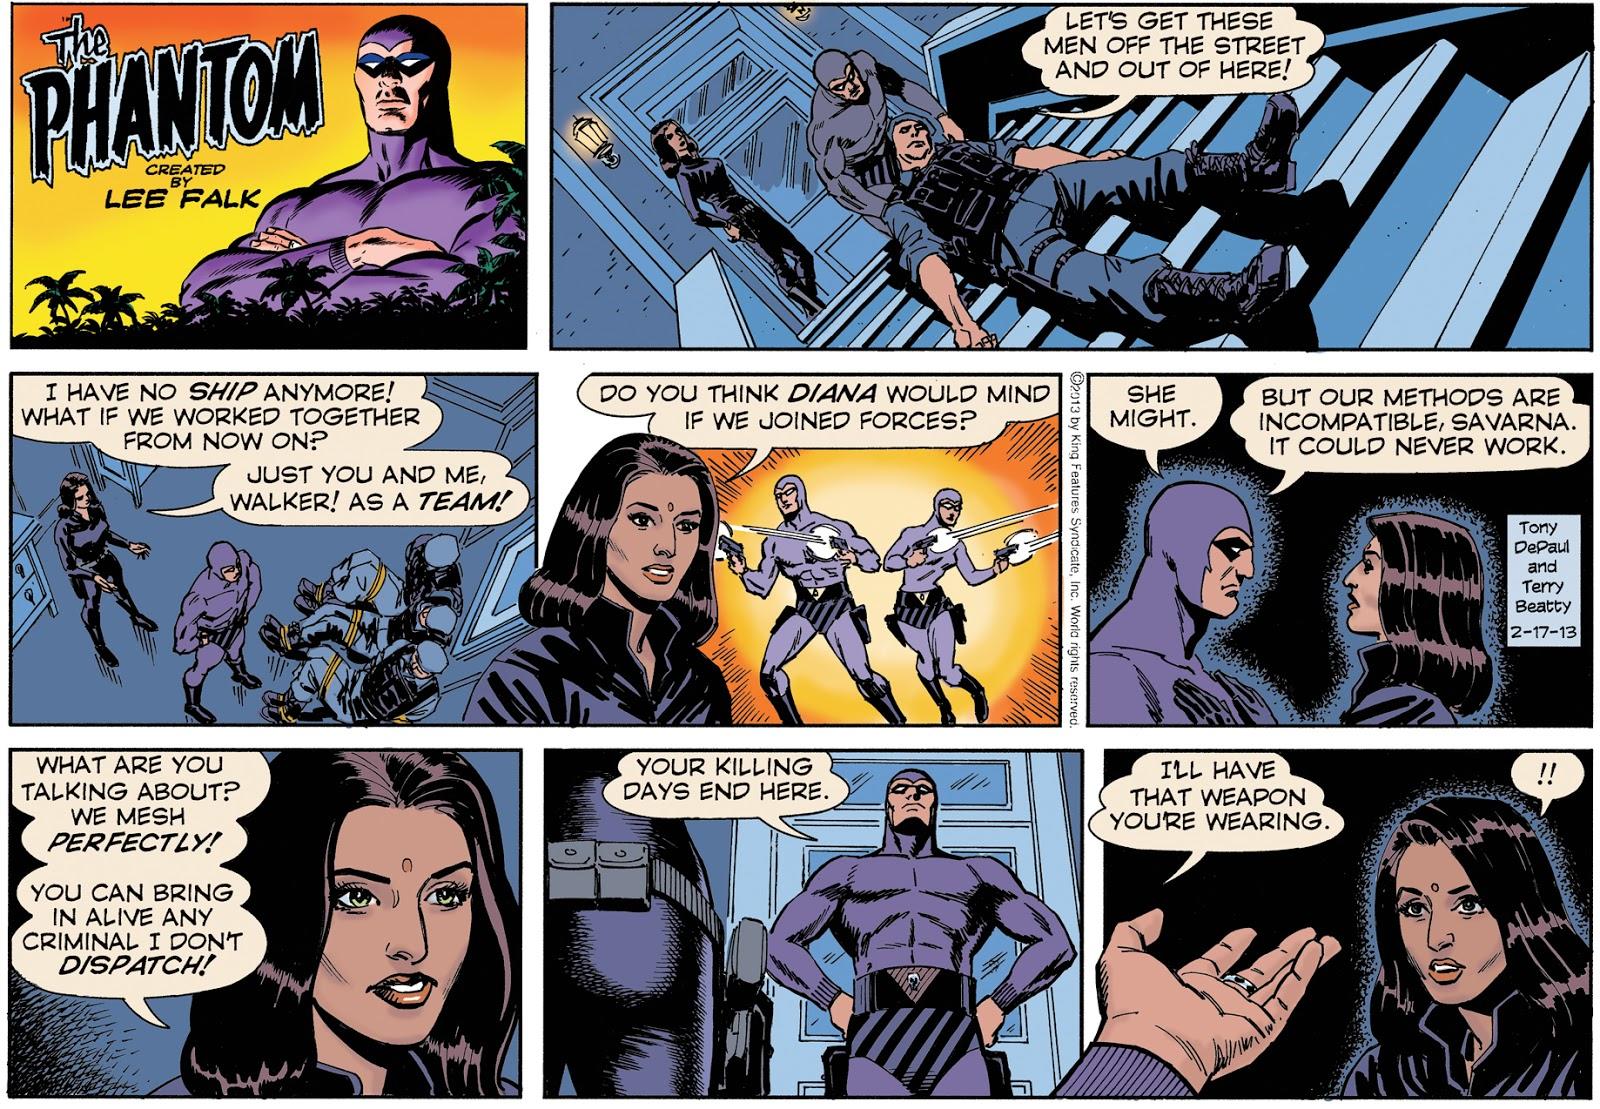 bandits strip Phantom comic three